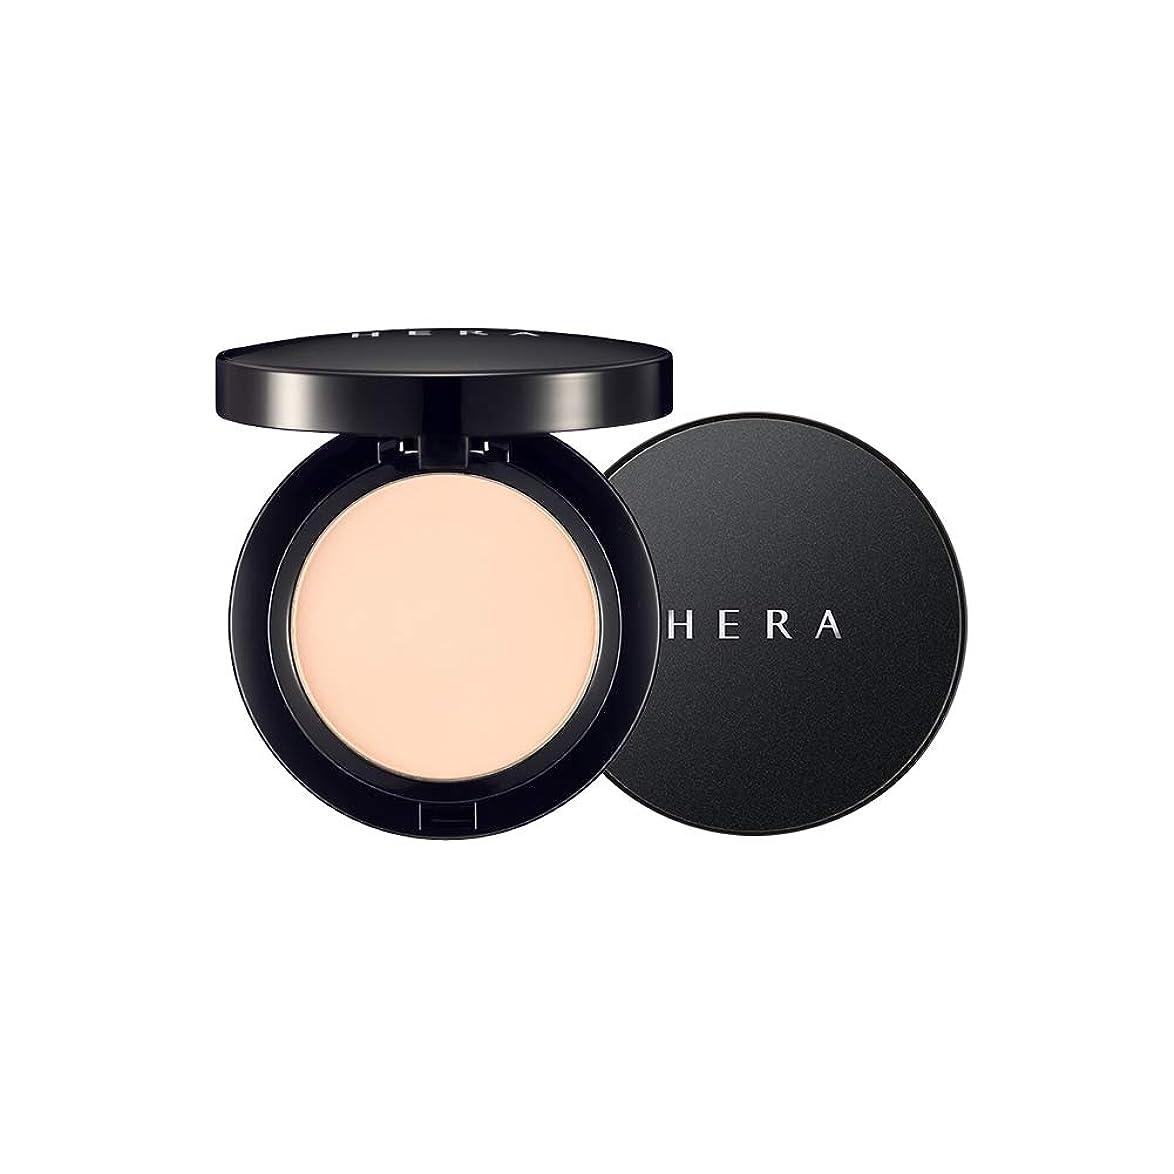 一時的ペナルティ信仰【HERA公式】ヘラ パーフェクト パウダー パクト 10g/HERA HD Perfect Powder Pact 10g (17号 ピンクベージュ) #17 Pink Beige